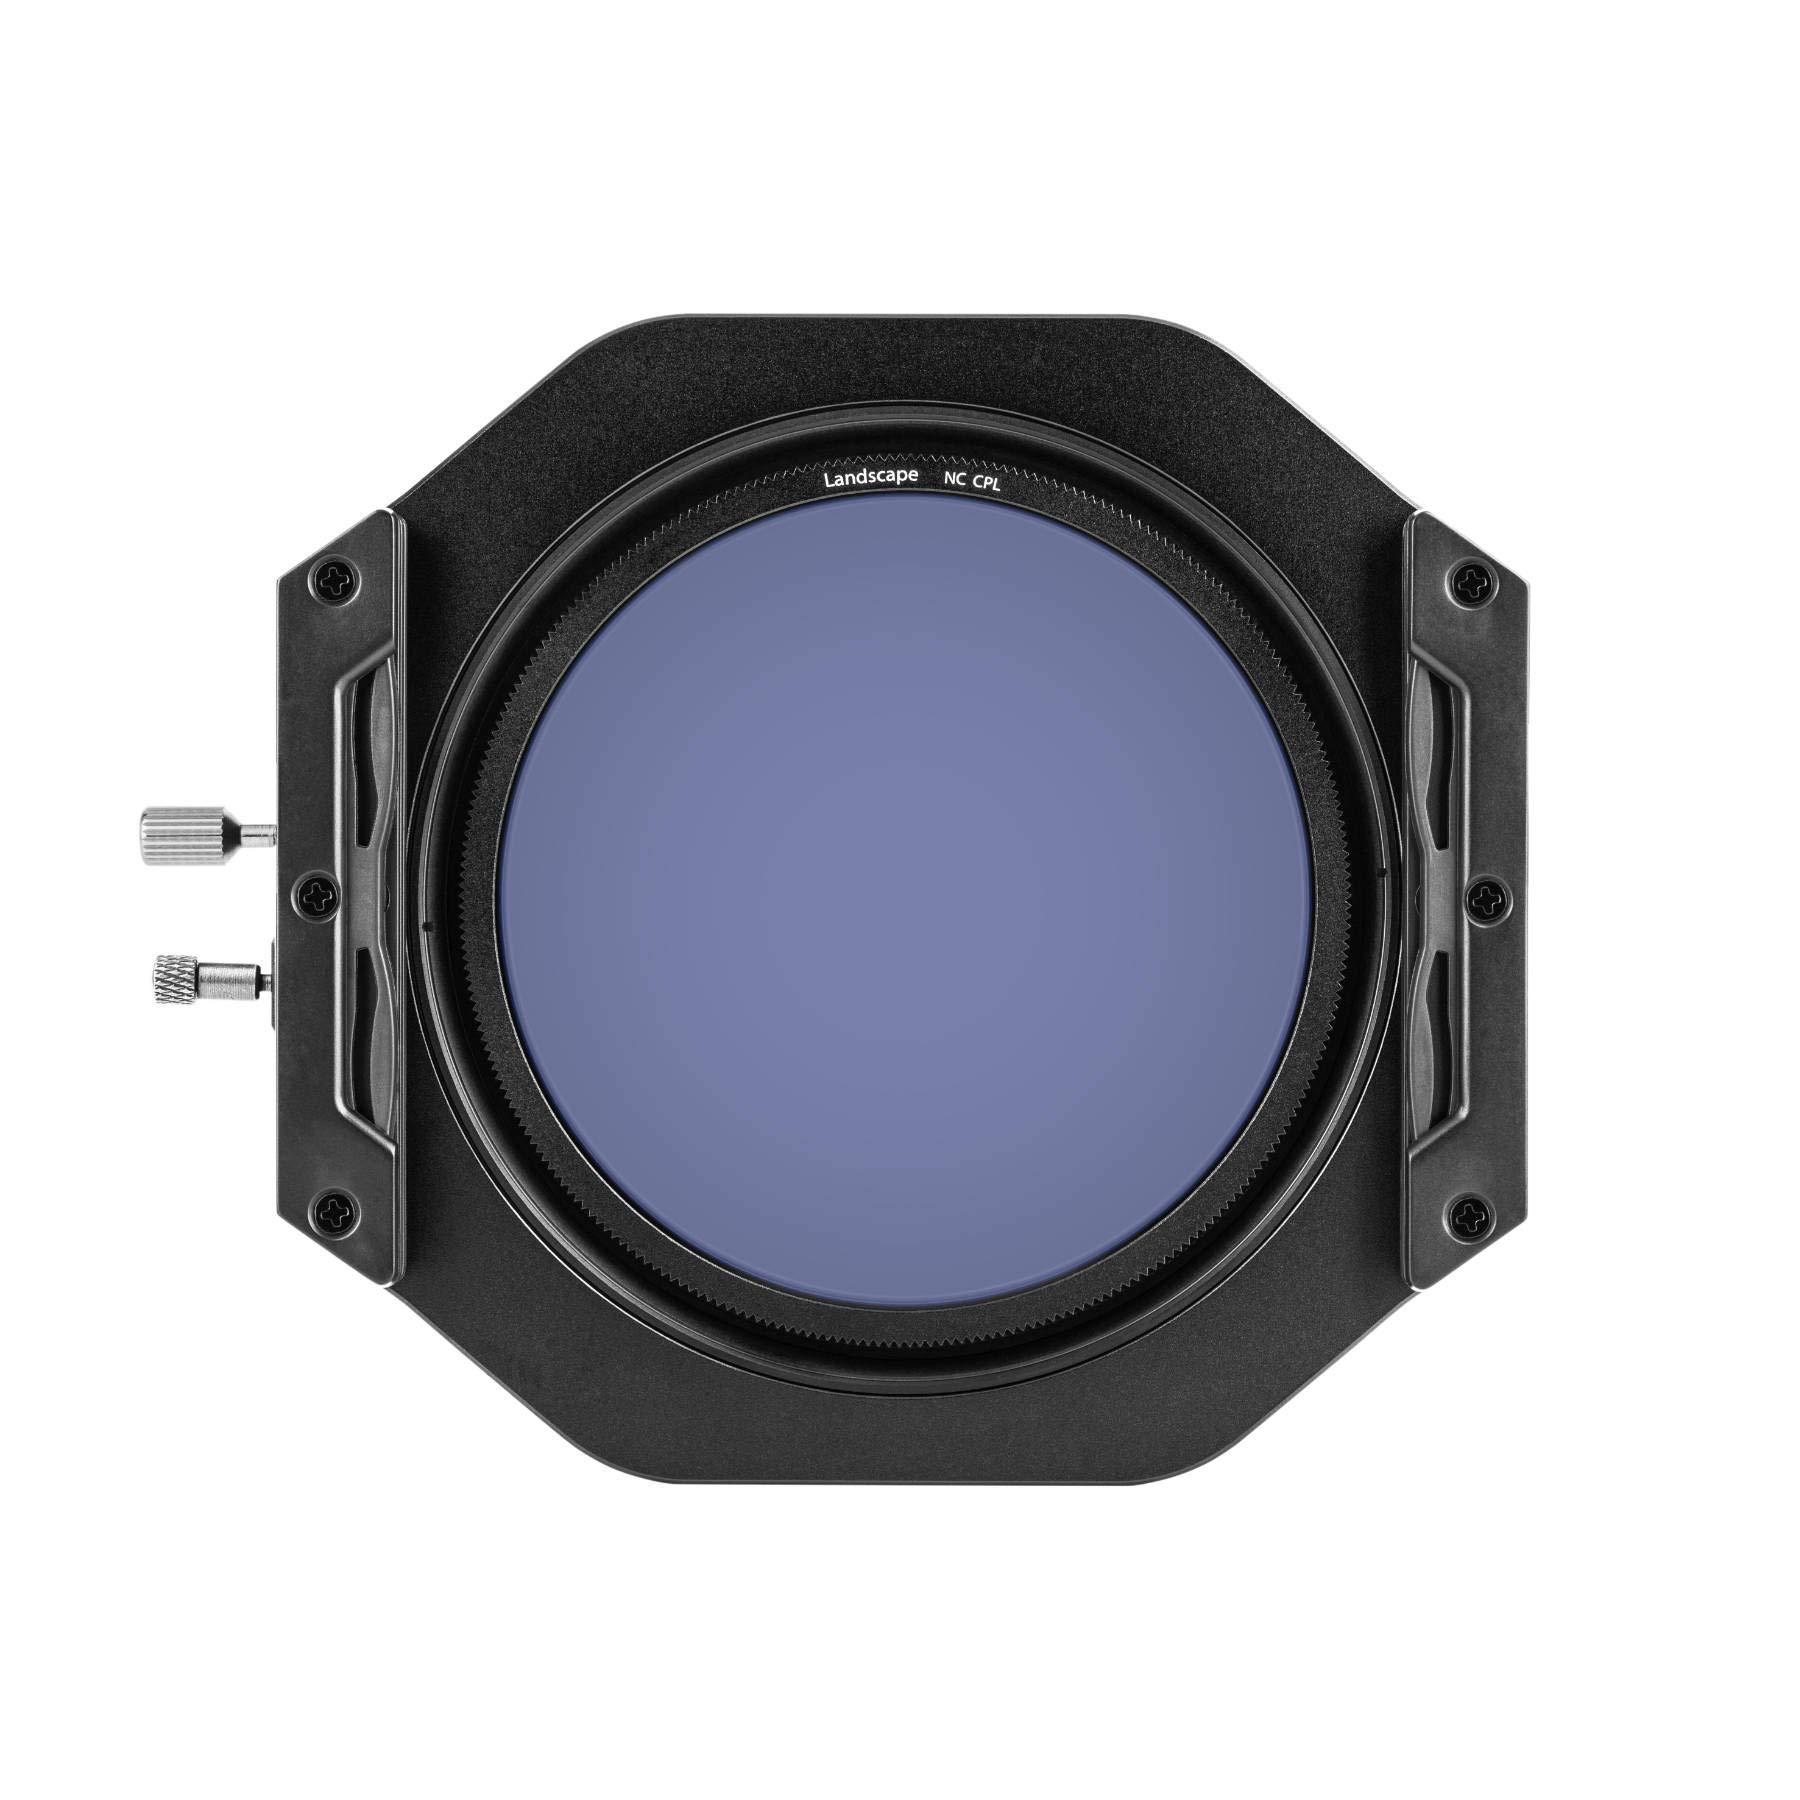 LEE Filtros 49mm estándar adaptador para sistema 100mm